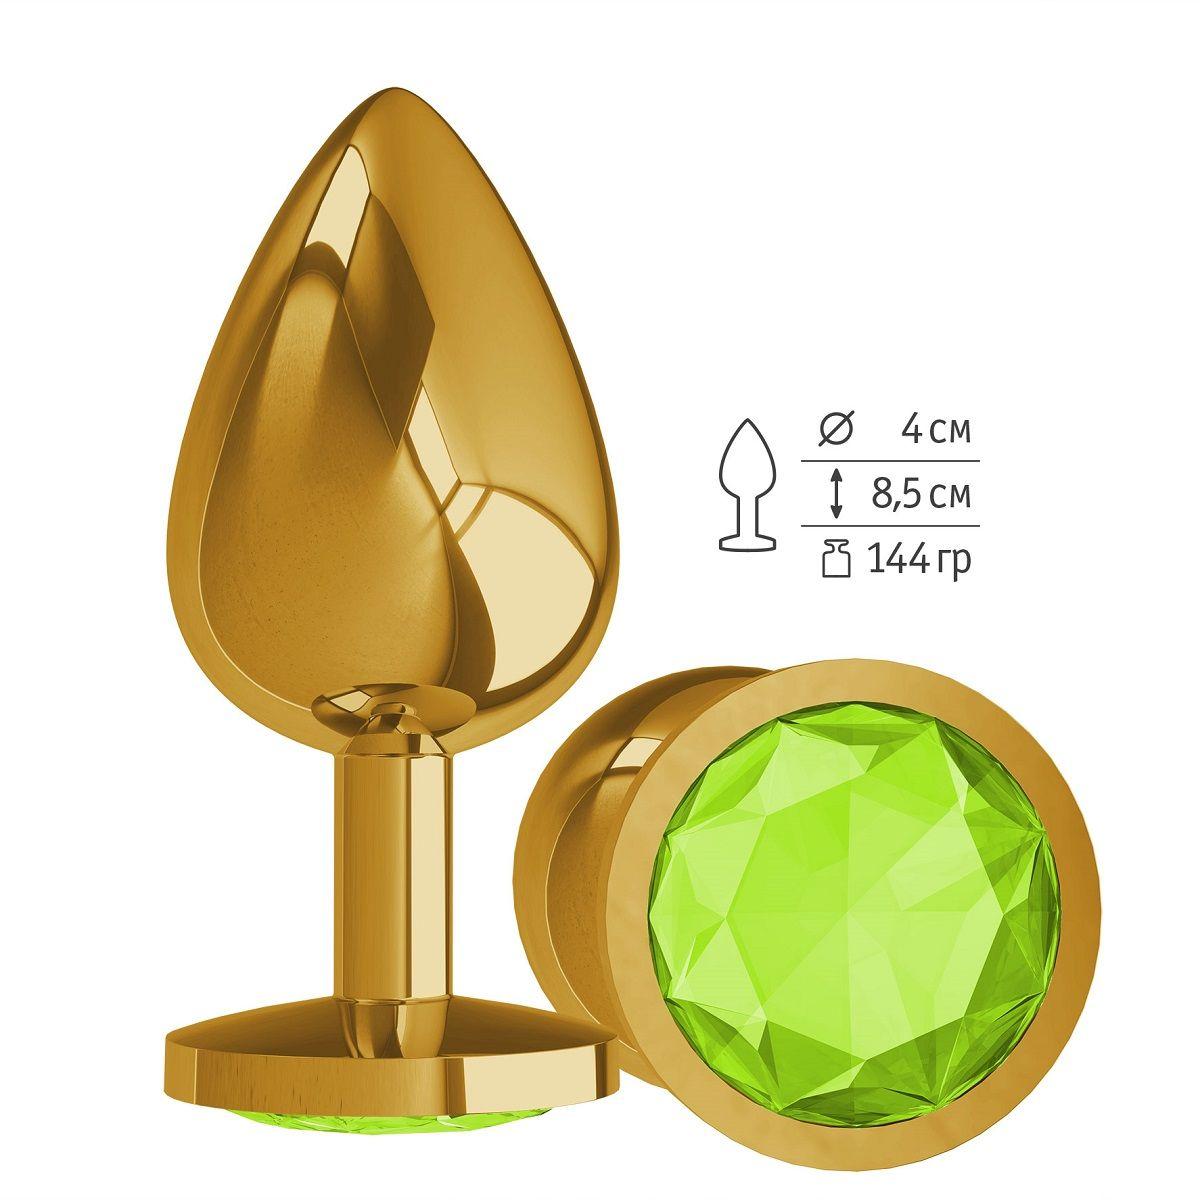 Золотистая большая анальная пробка с лаймовым кристаллом - 9,5 см. - фото 214943